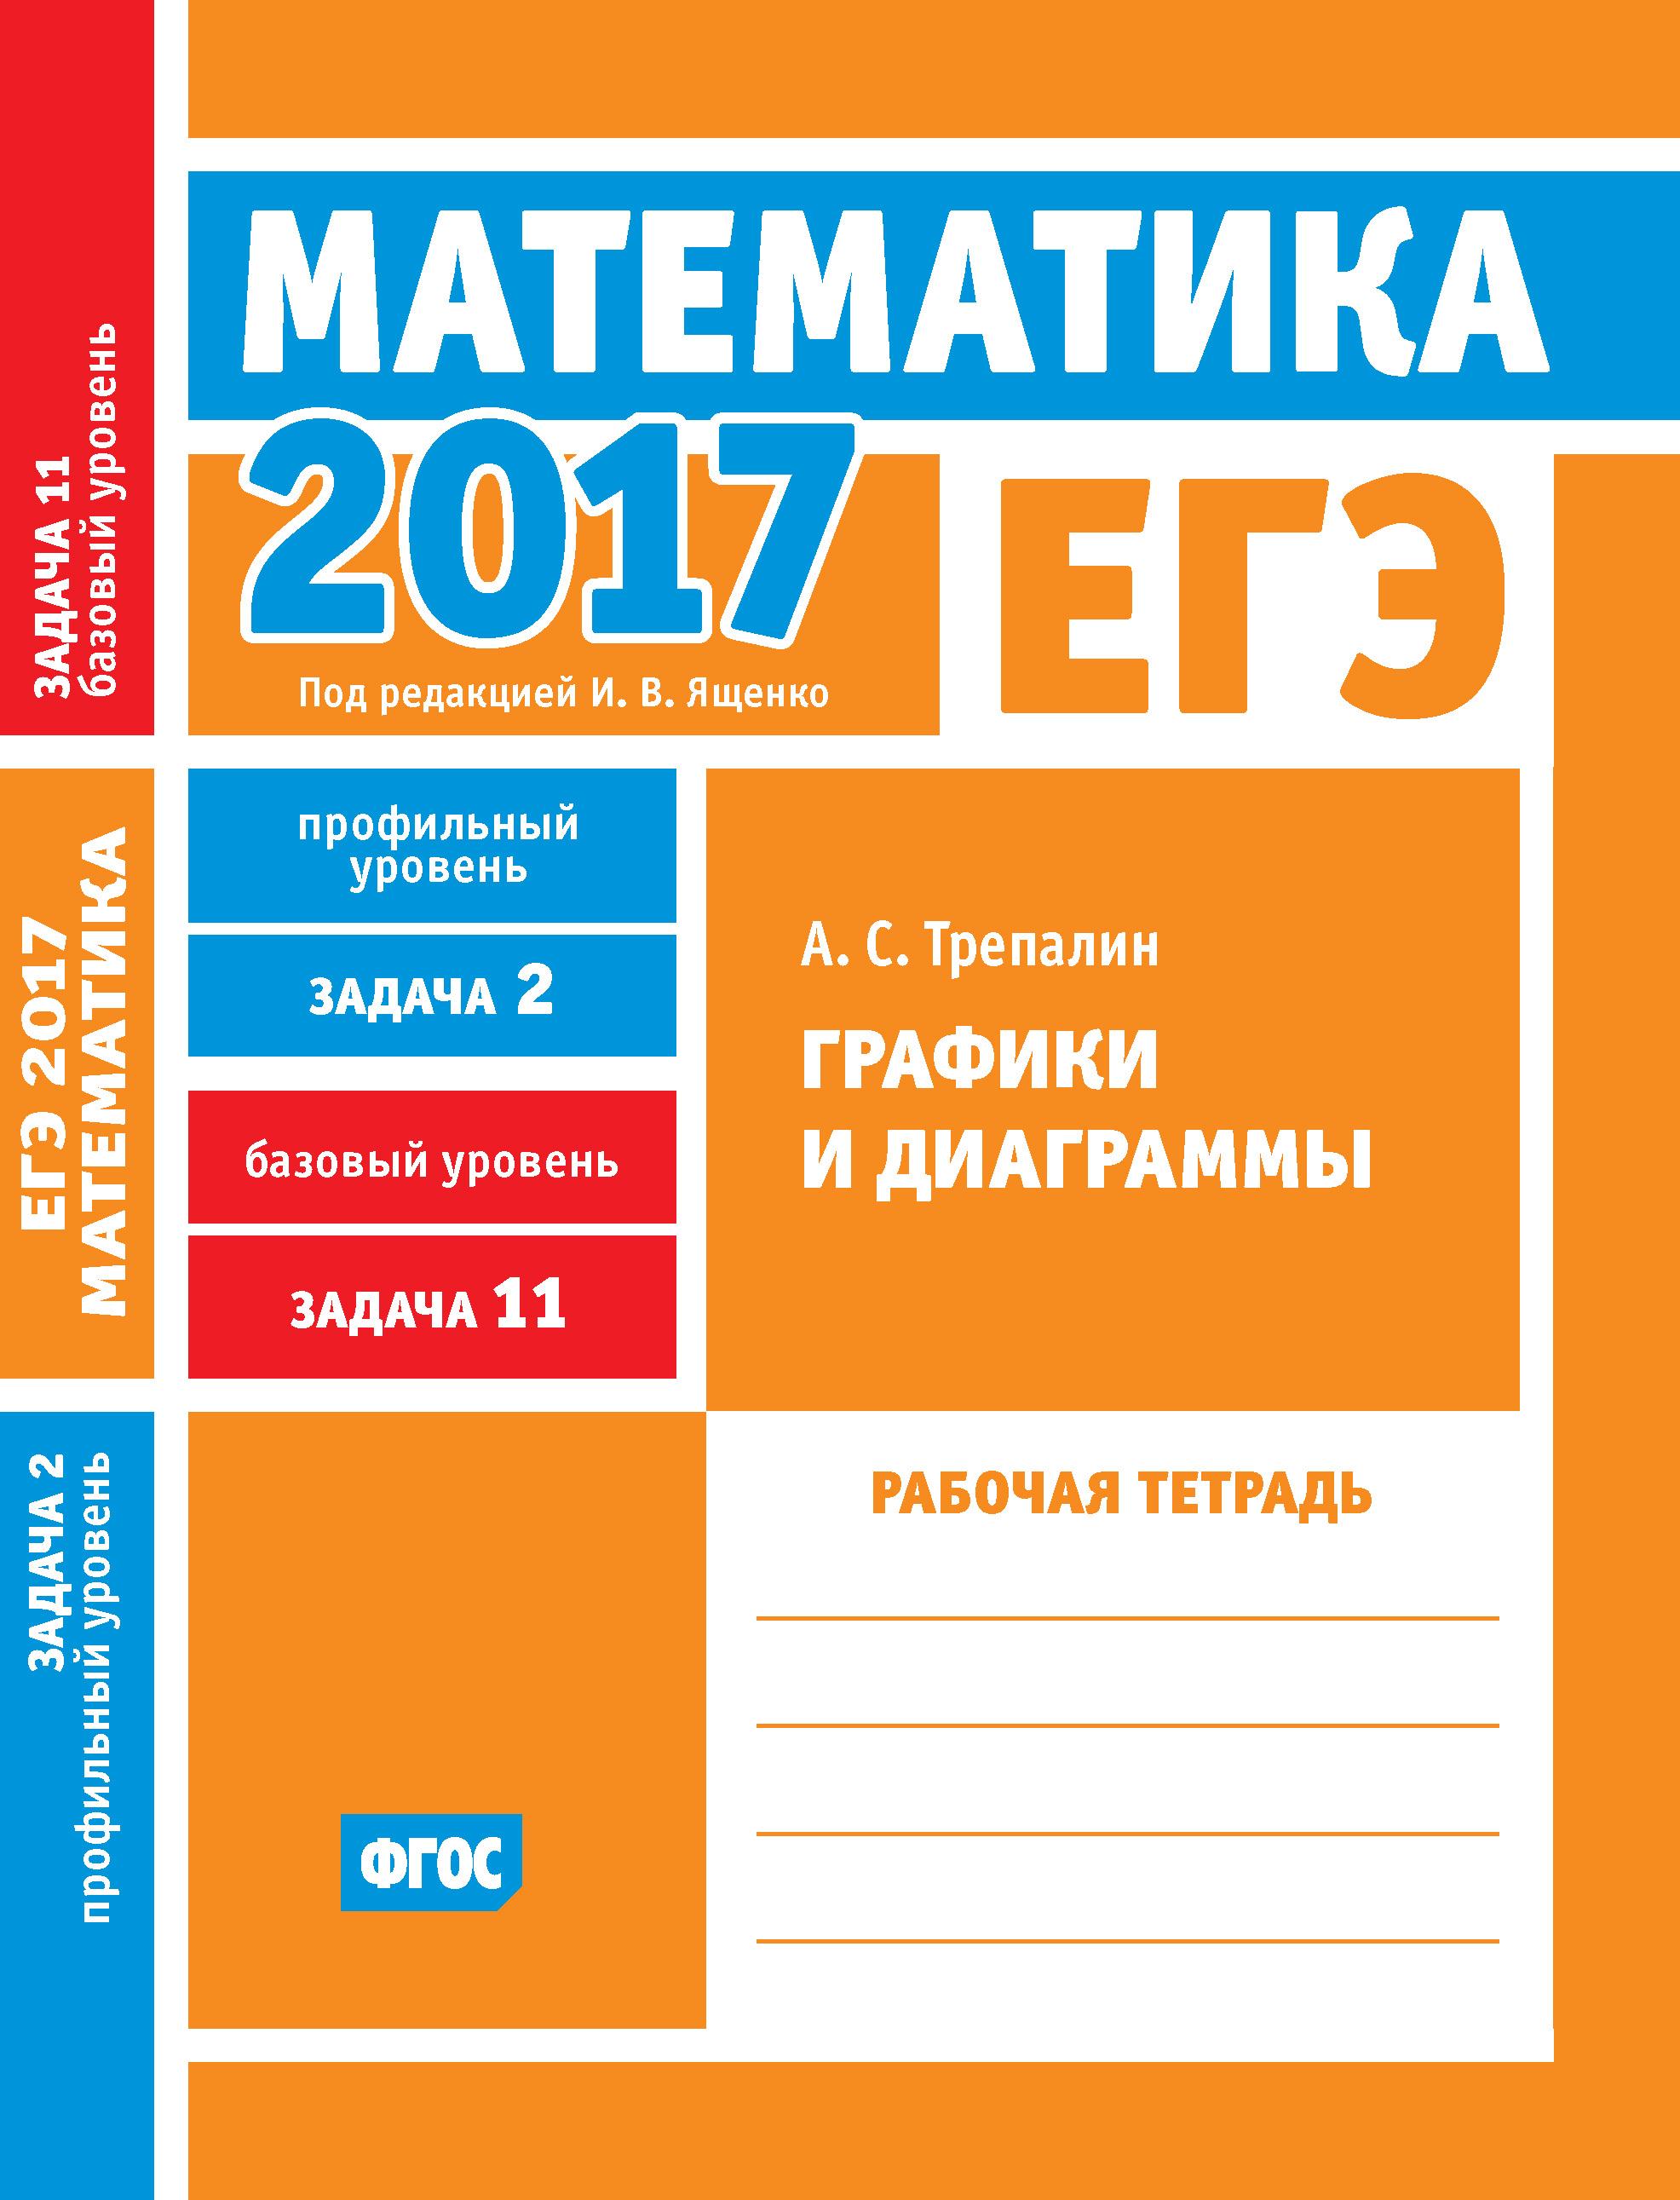 ЕГЭ 2017. Математика. Графики и диаграммы. Задача 2 (профильный уровень). Задача 11 (базовый уровень). Рабочая тетрадь